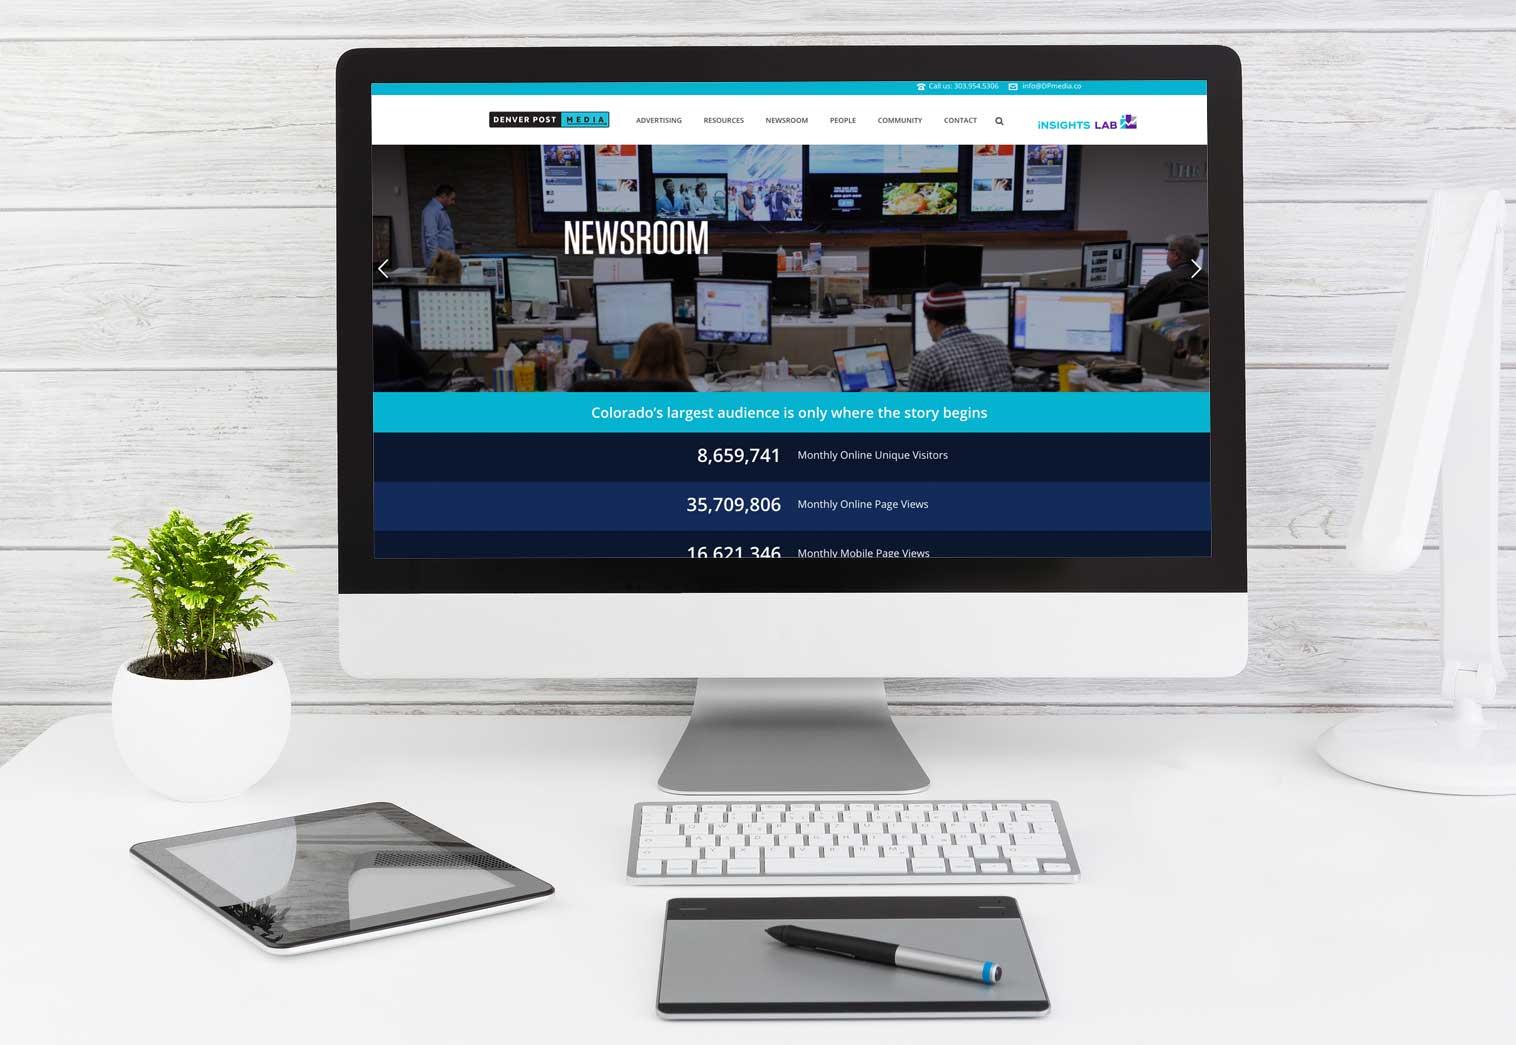 dpmedia-website